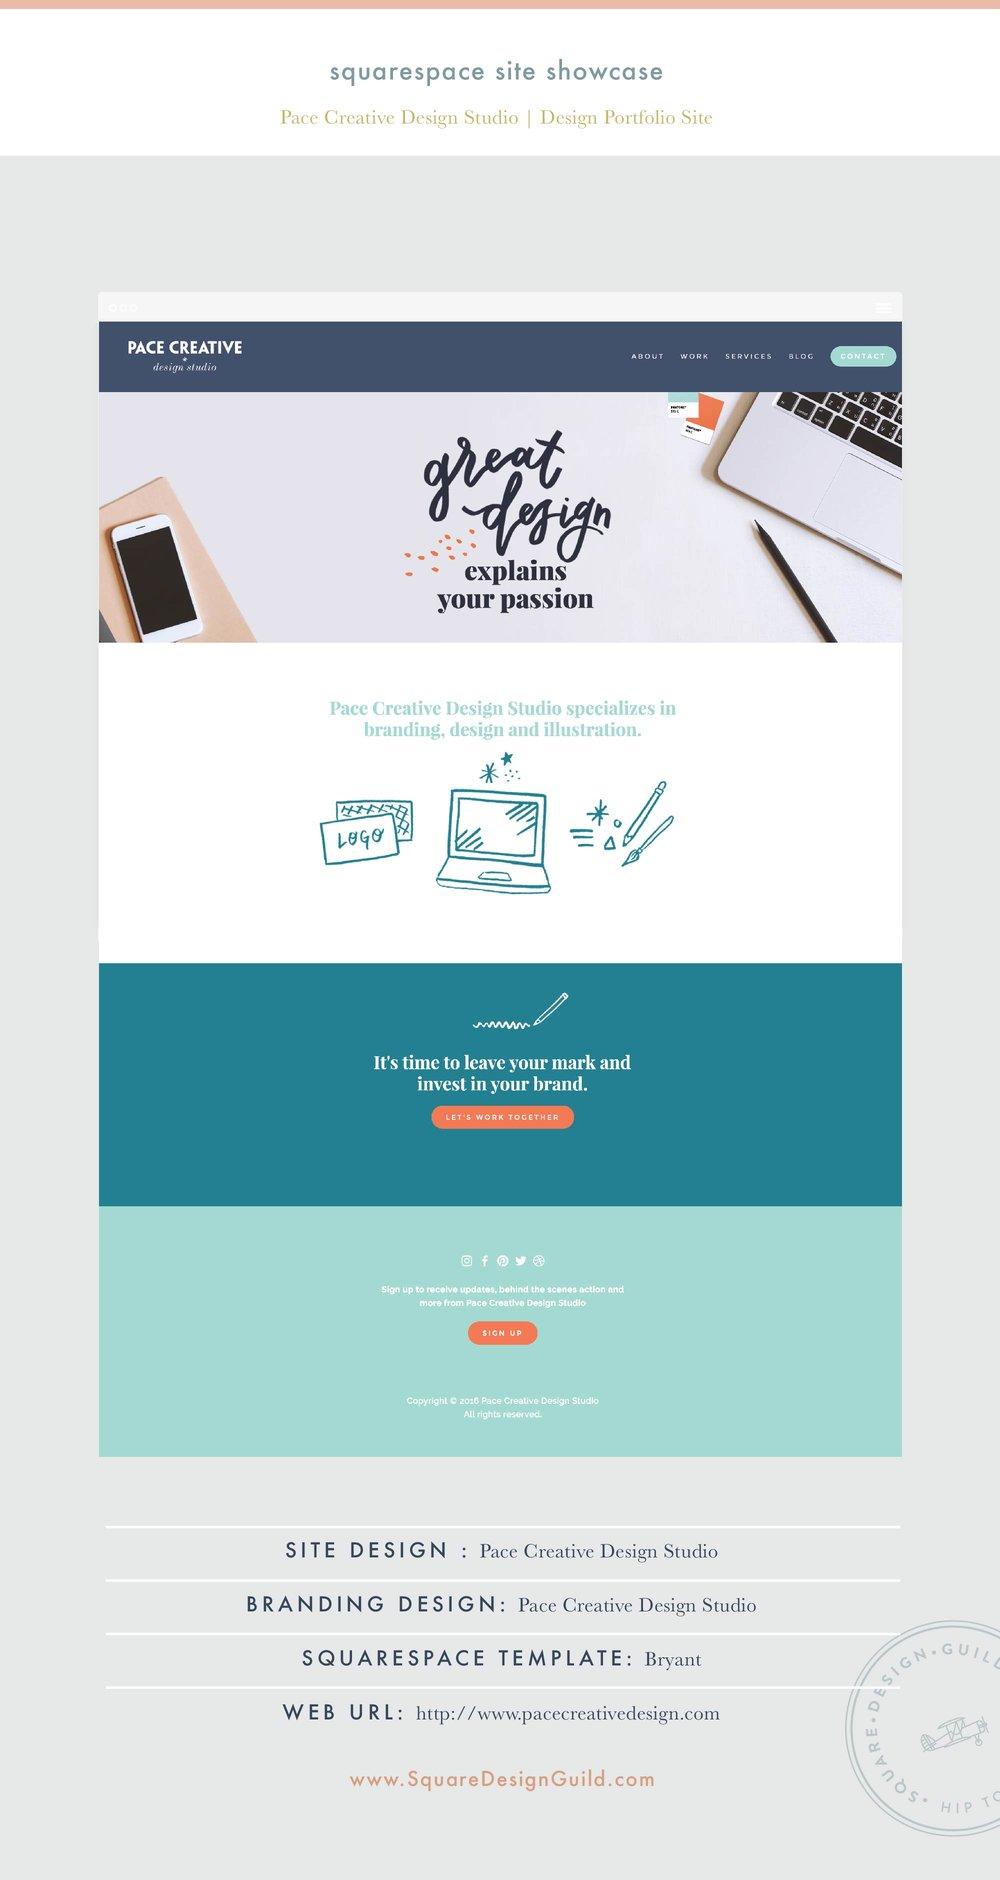 Square Design Guild | Squarespace Site Showcase | Pace Creative Design Studio on the Bryant Template